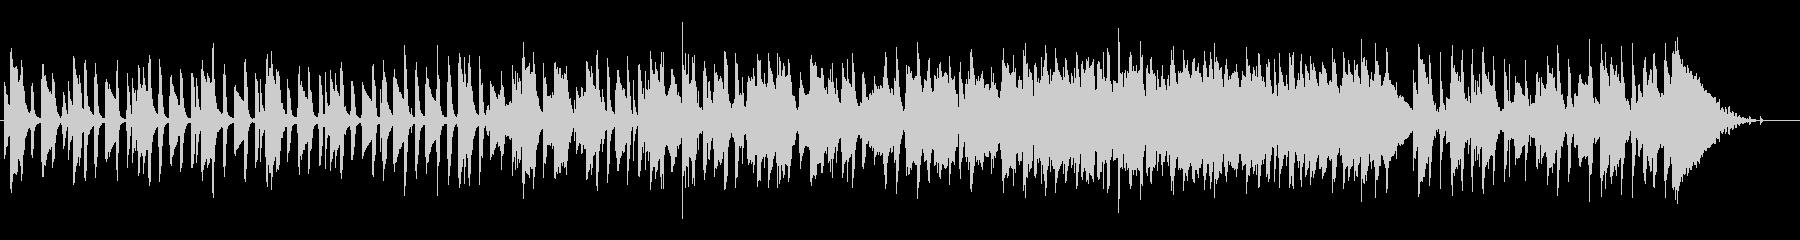 素朴 トイピアノ かわいい ほっこりの未再生の波形